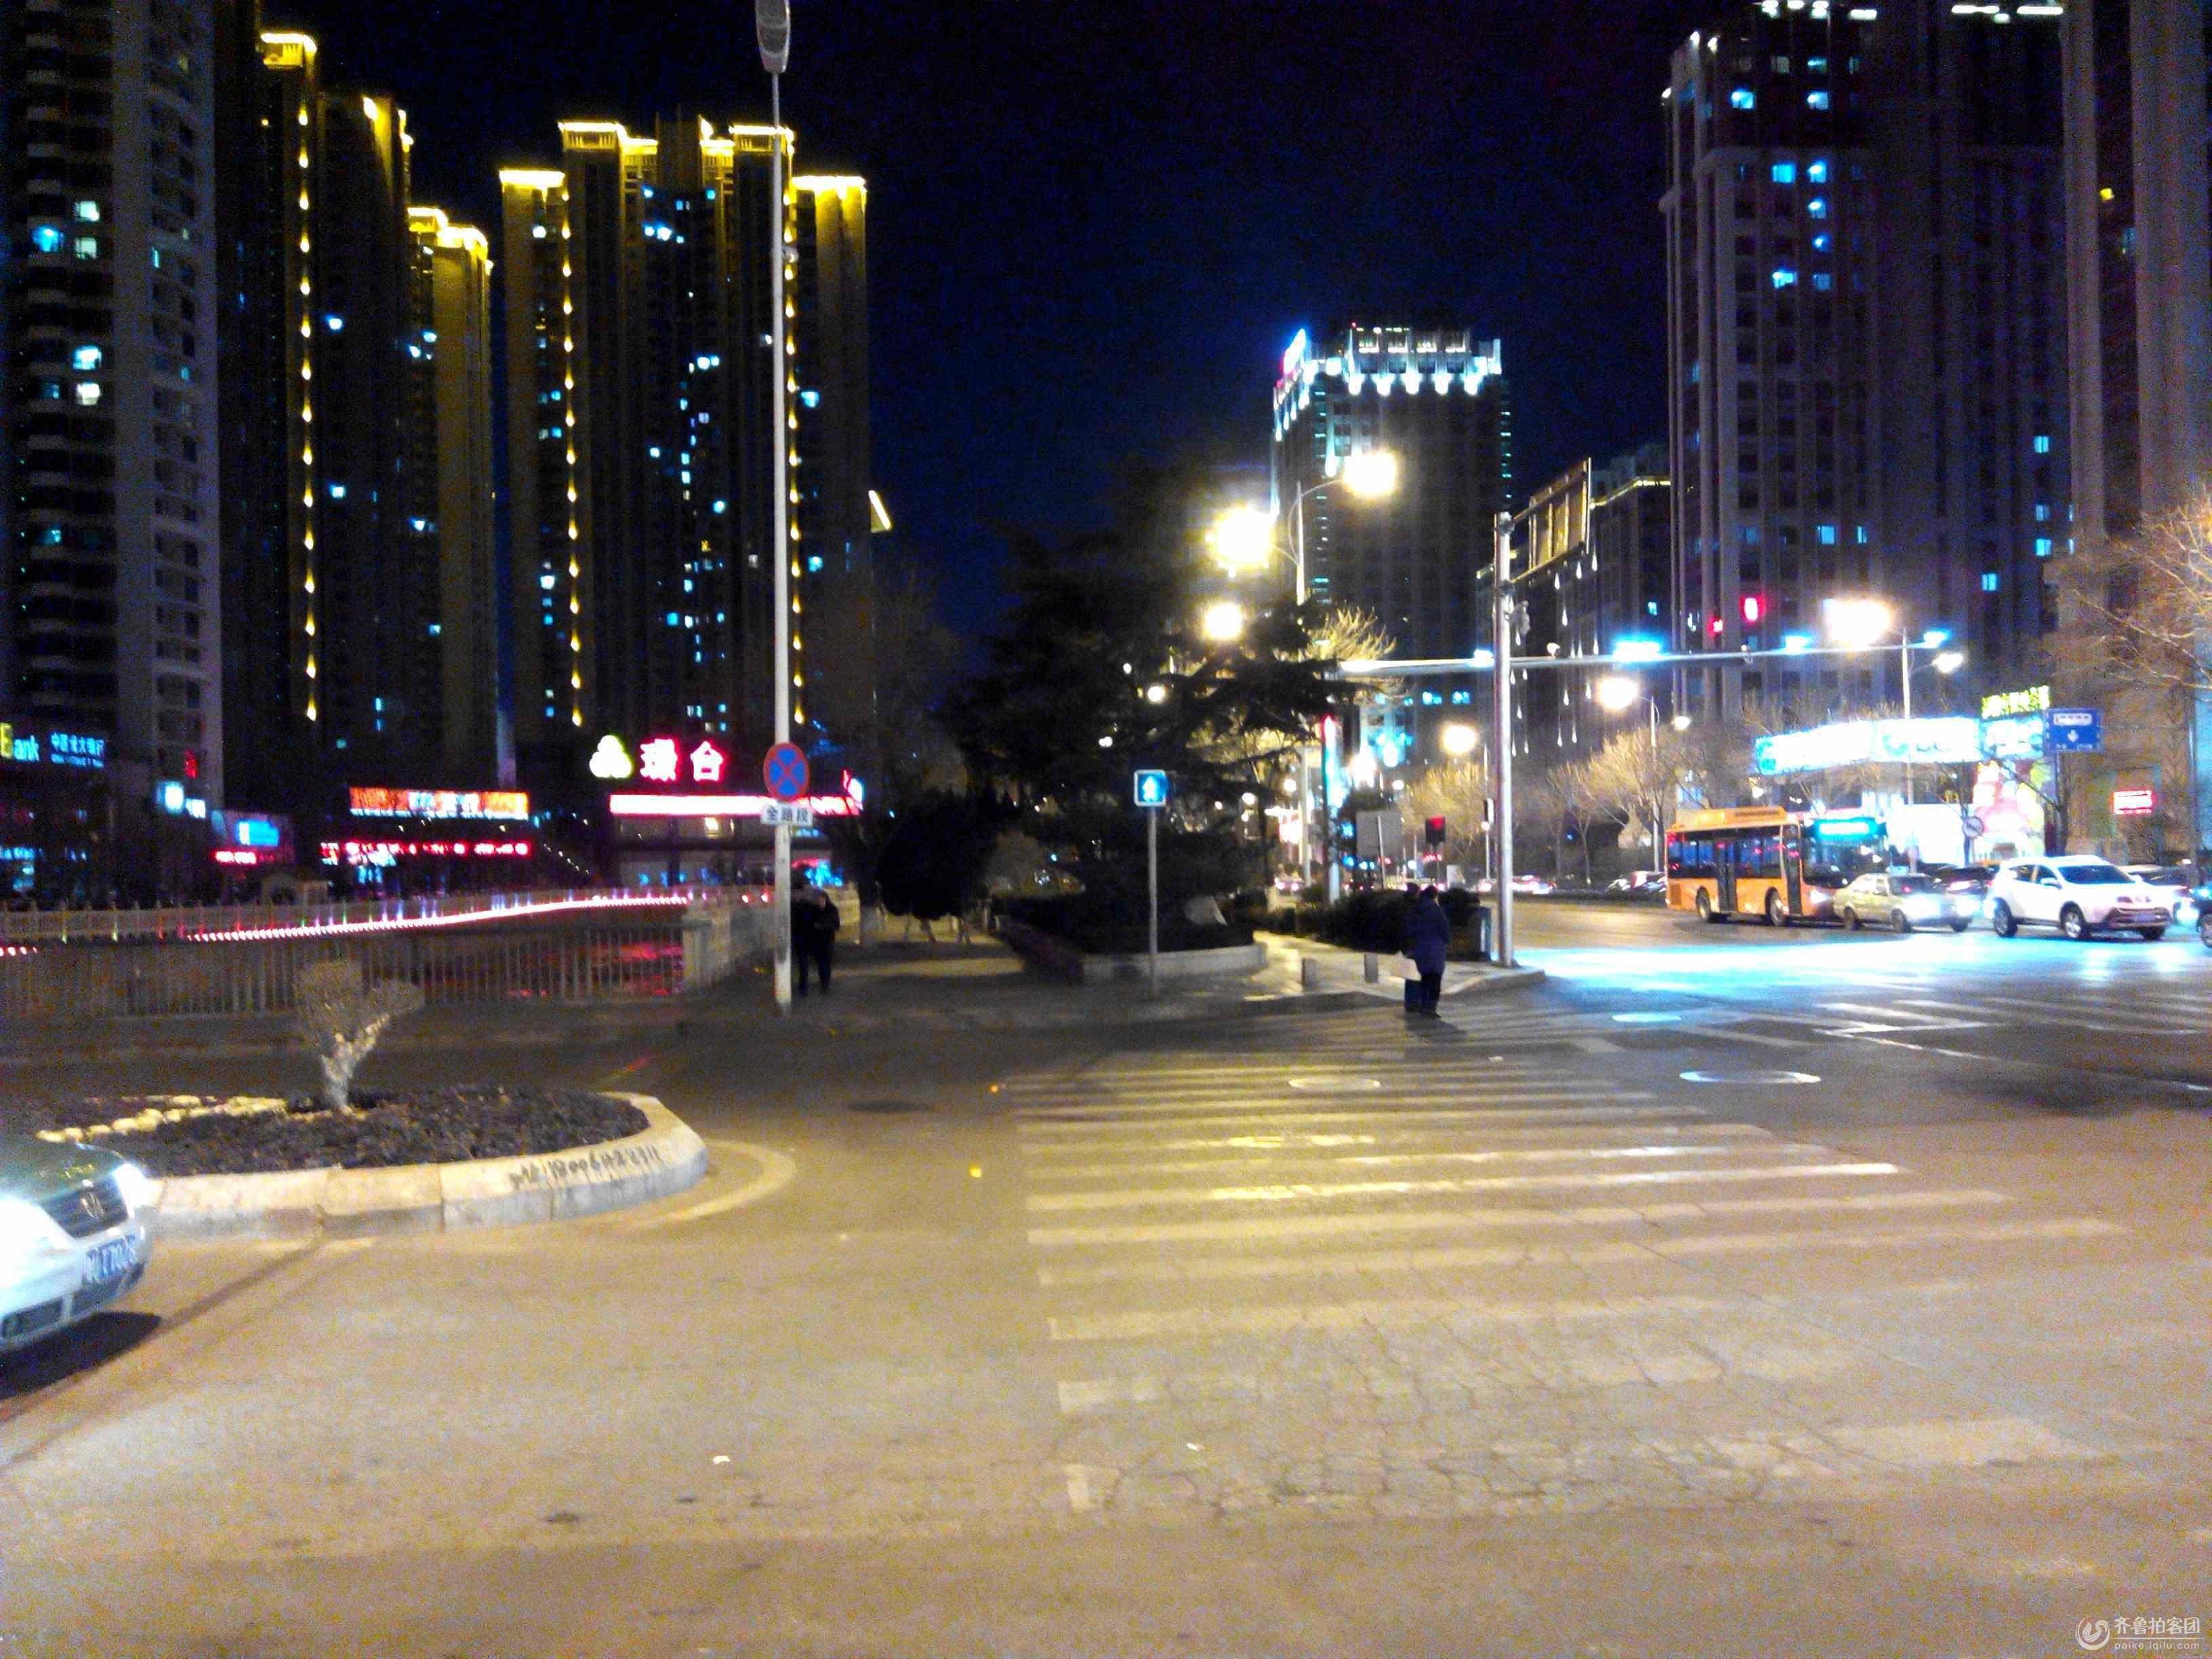 市区路口夜景 摄影 瞩远 - 青岛拍客 - 齐鲁社区 - 最